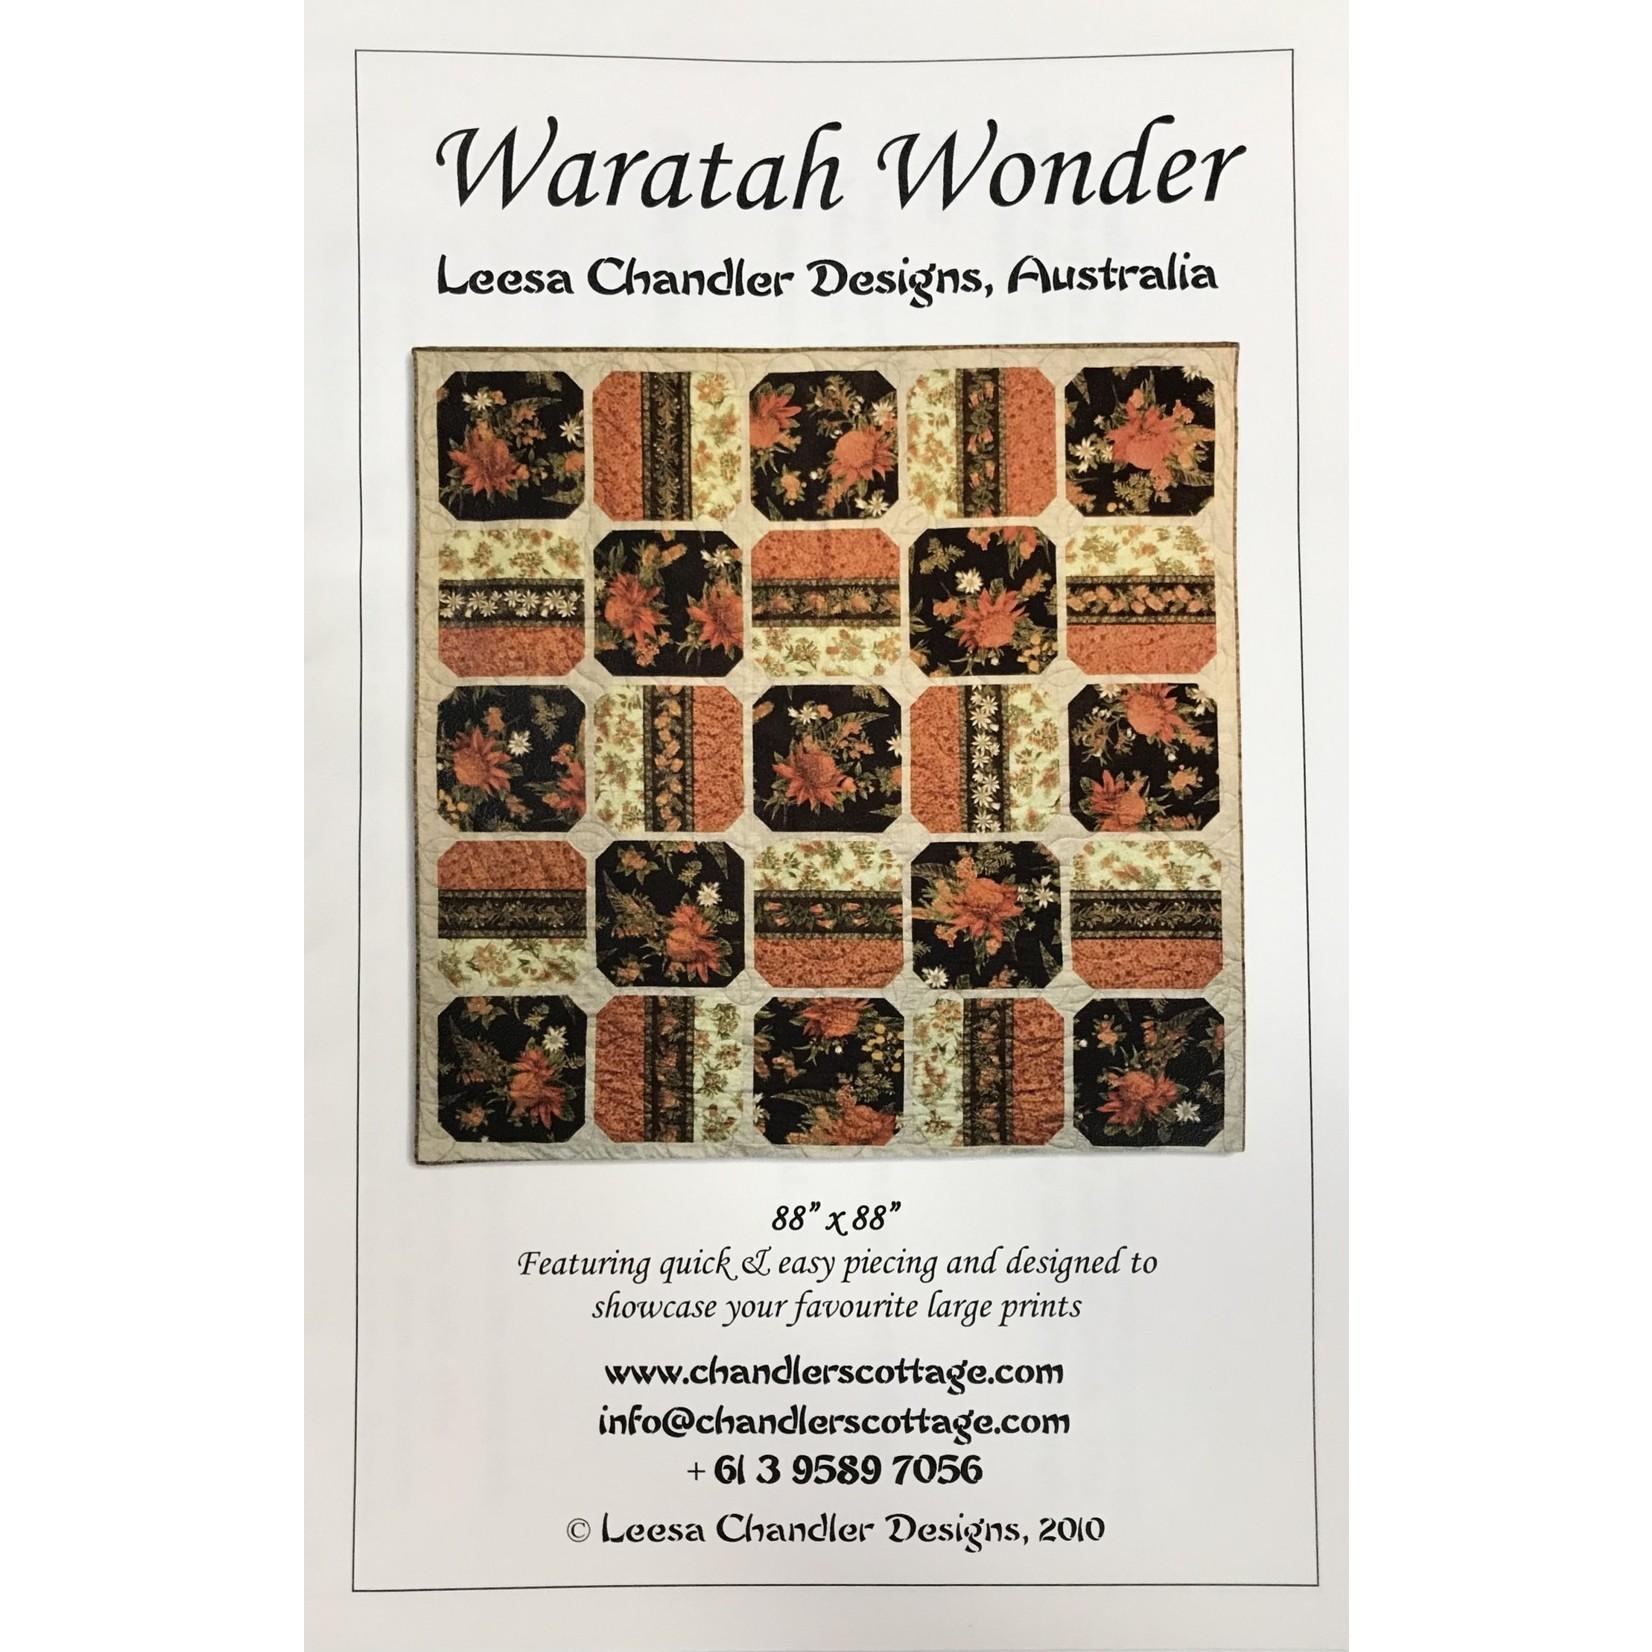 Chandler Cottage Designs WARATAH WONDER PATTERN